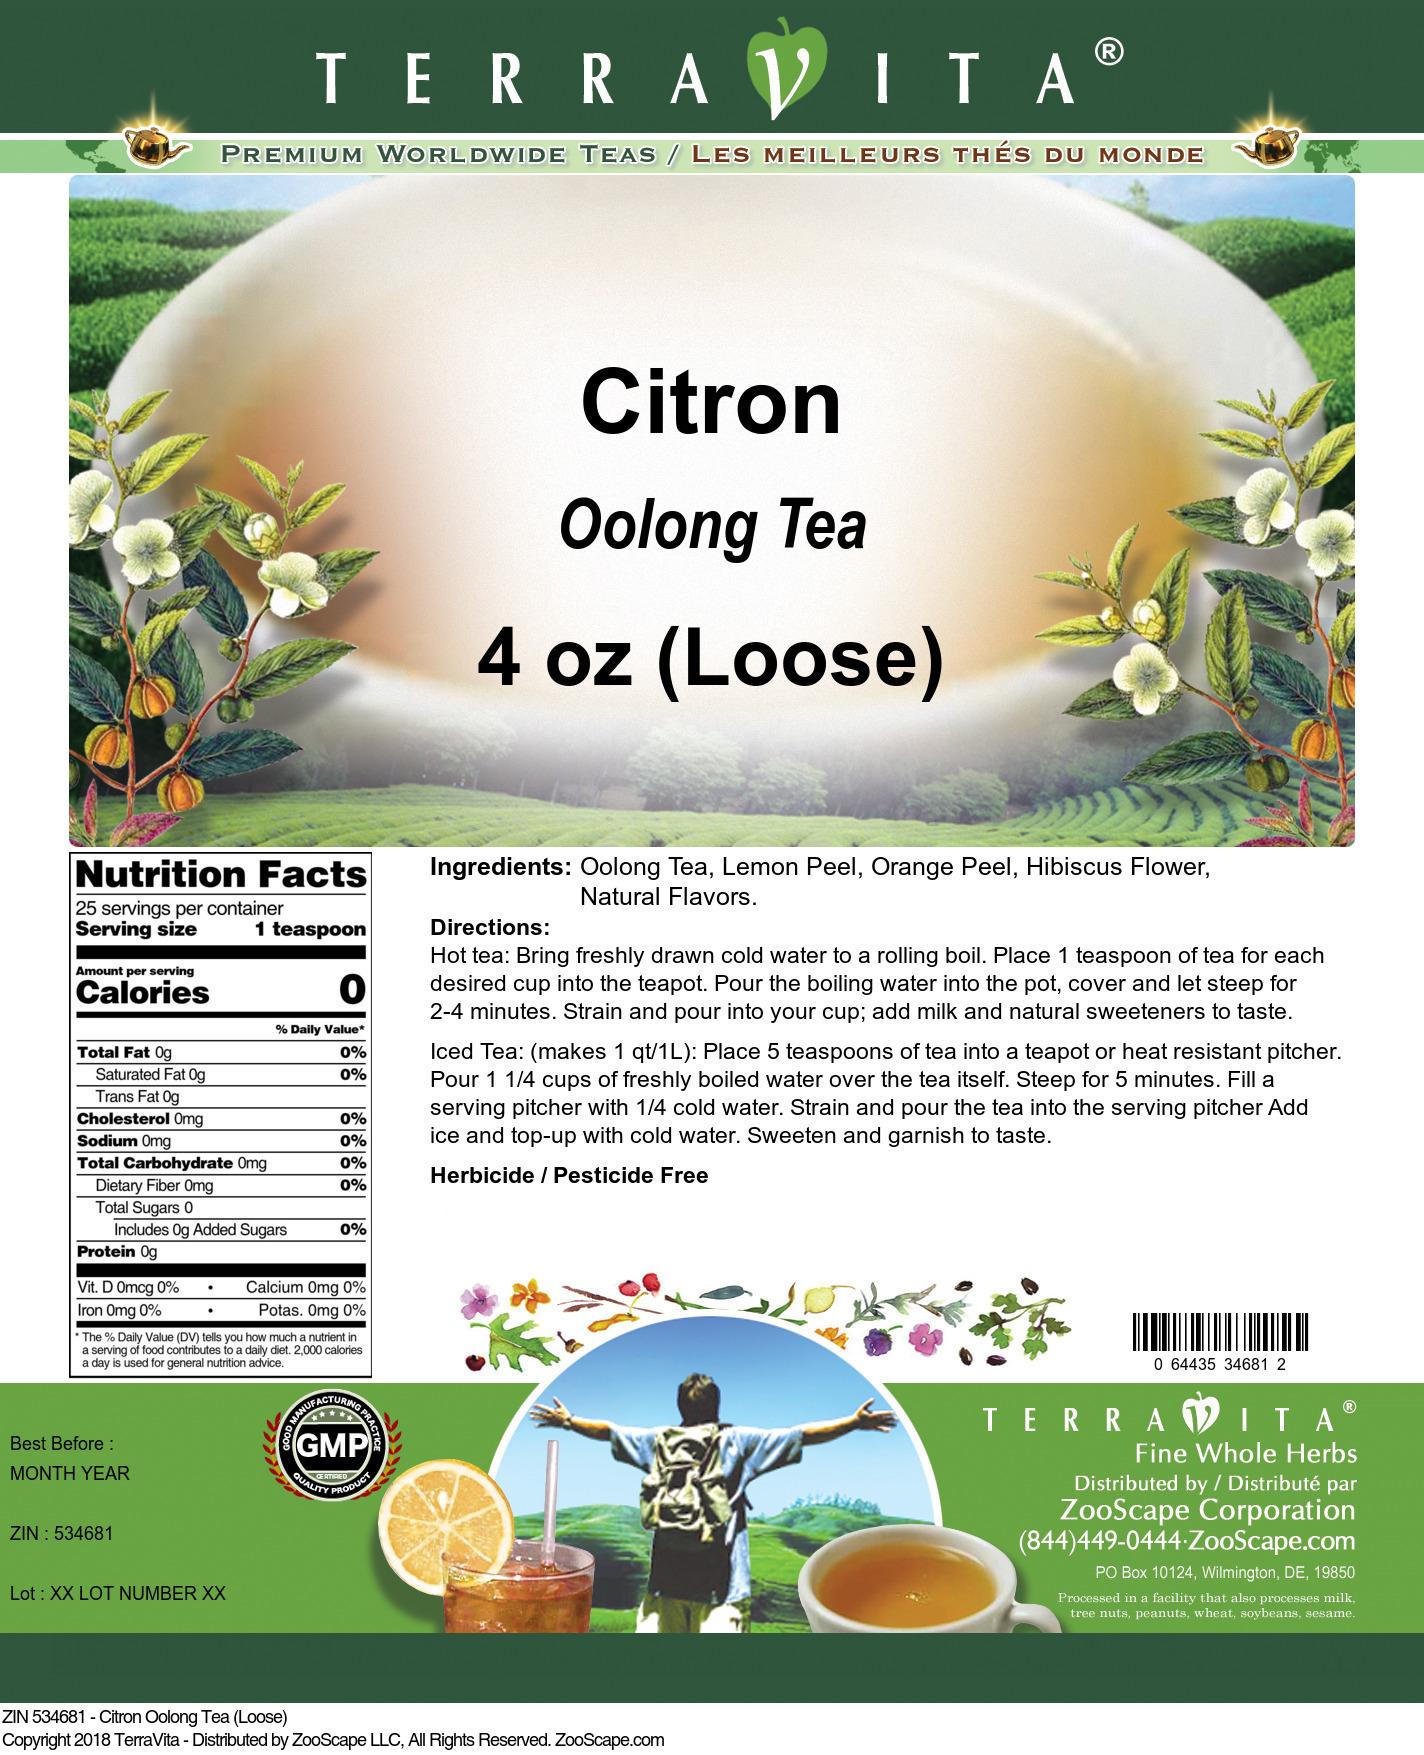 Citron Oolong Tea